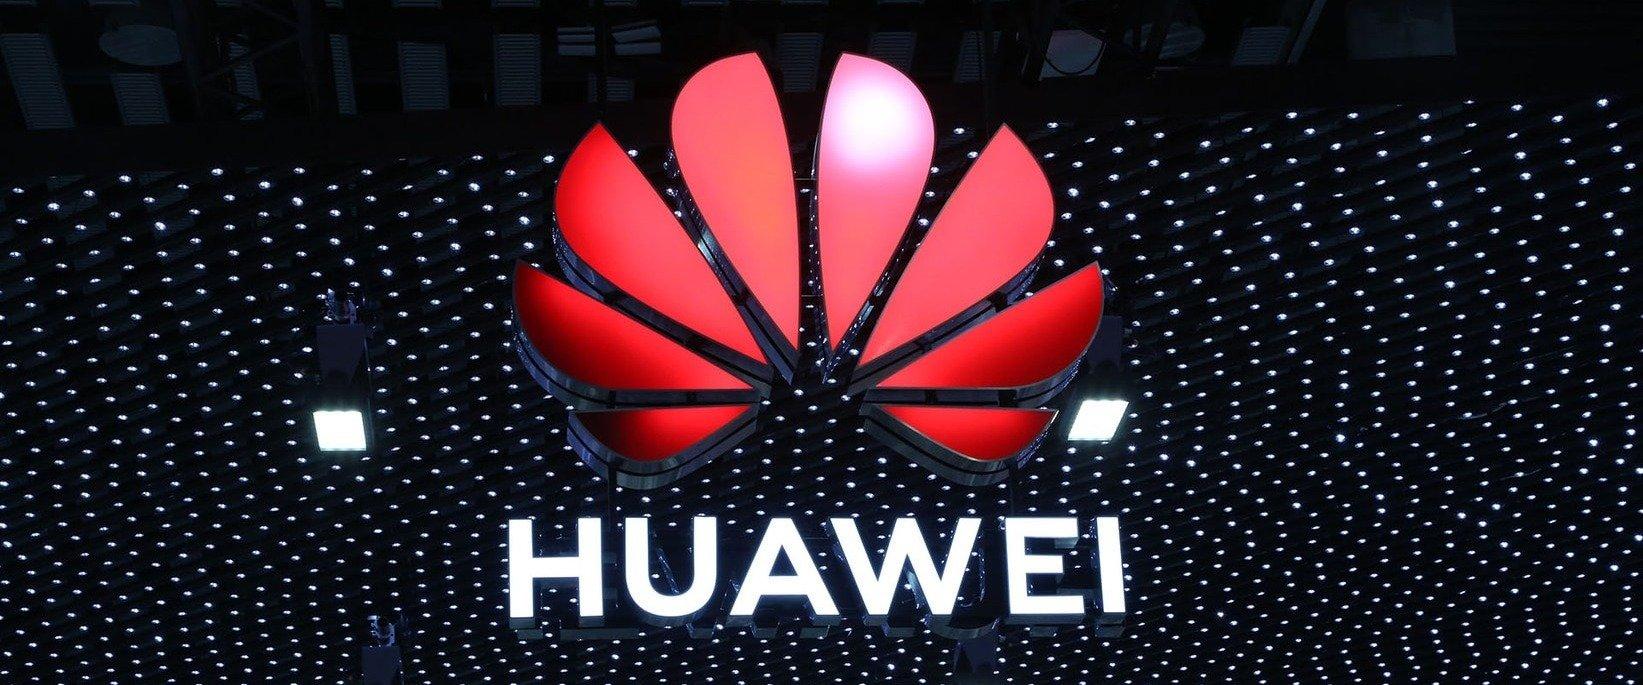 Huawei: innowacje pomogą firmom stanąć na nogi po pandemii